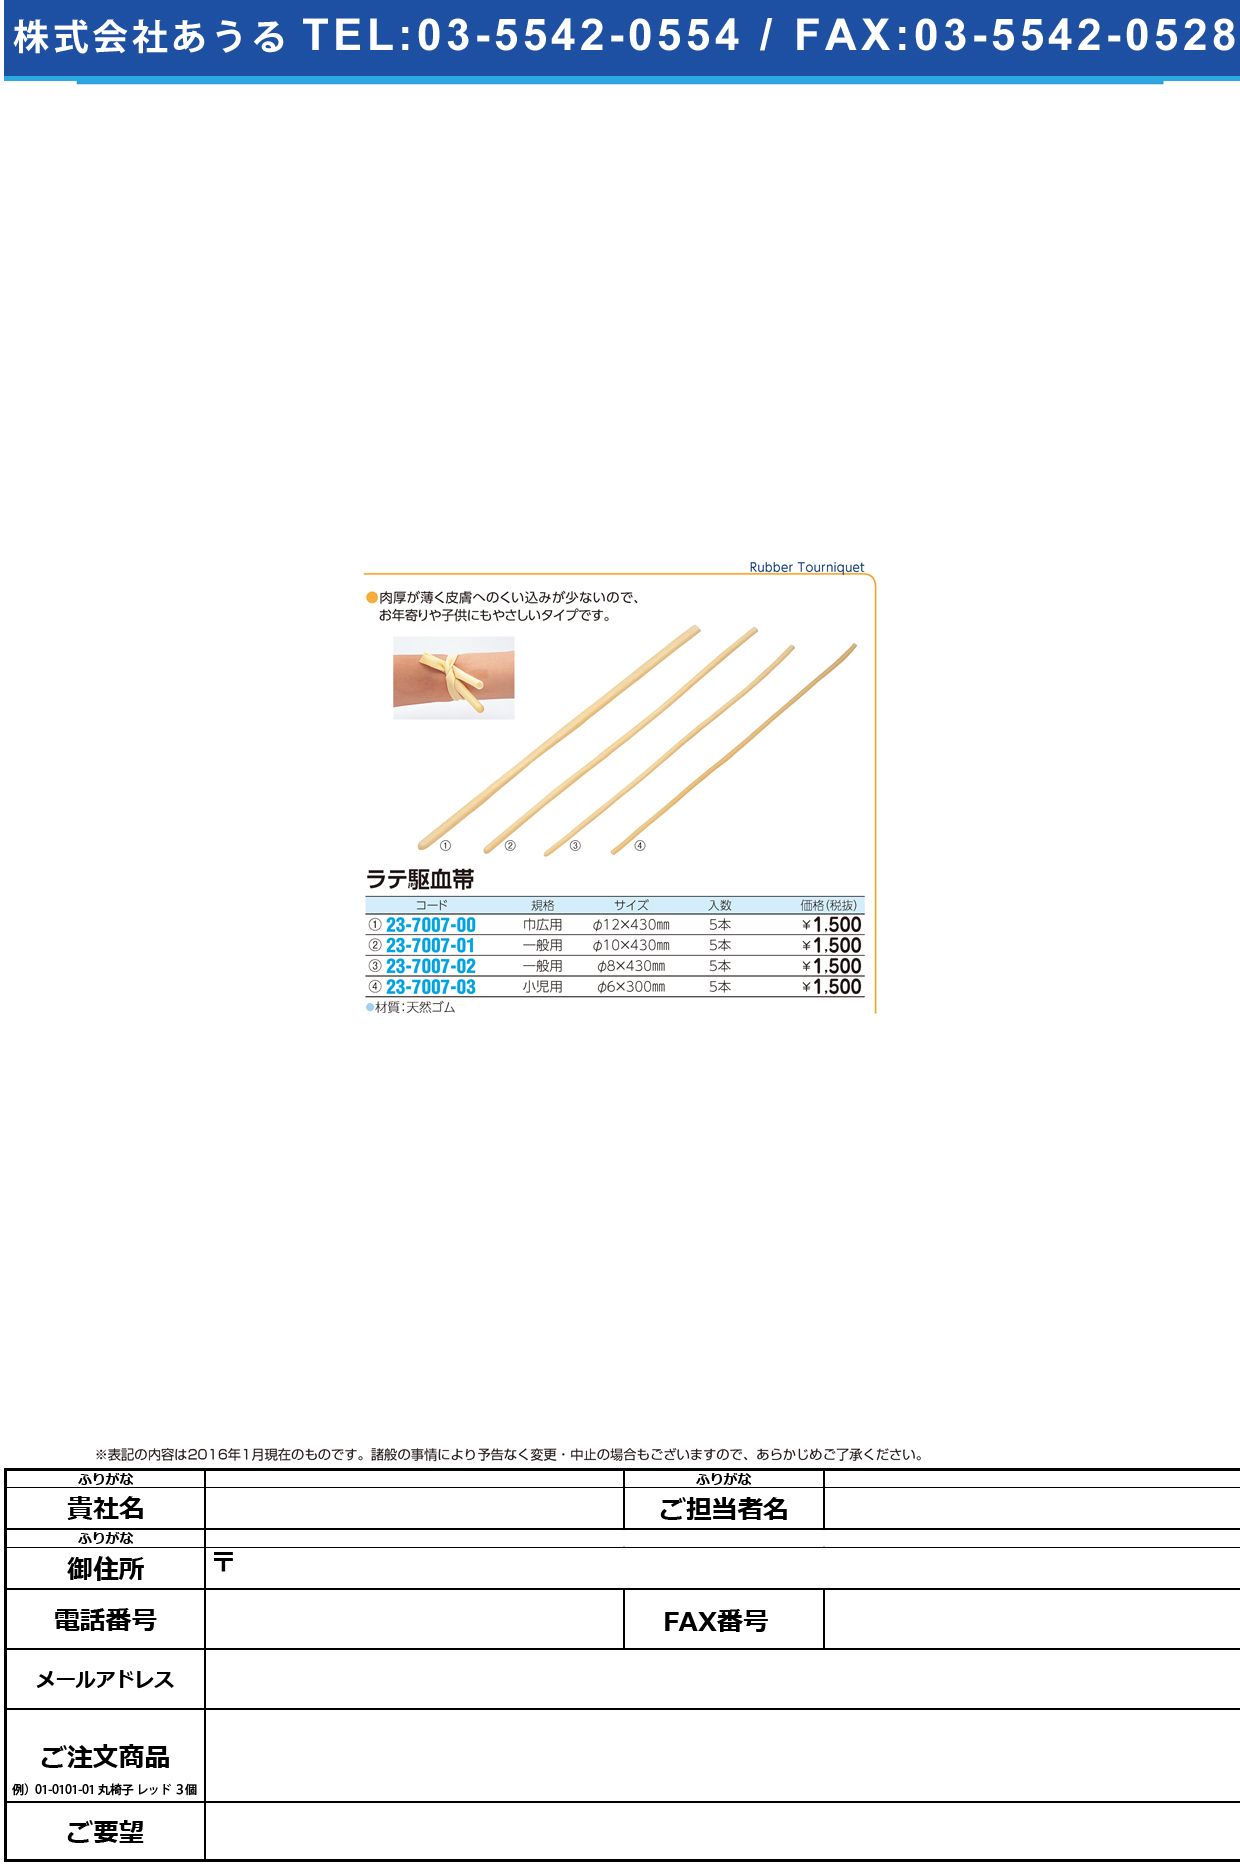 ラテ駆血帯(一般用)   ラテクケツタイ(イッパンヨウ) 06288(ケイ10X430MM)5ホン【1袋単位】